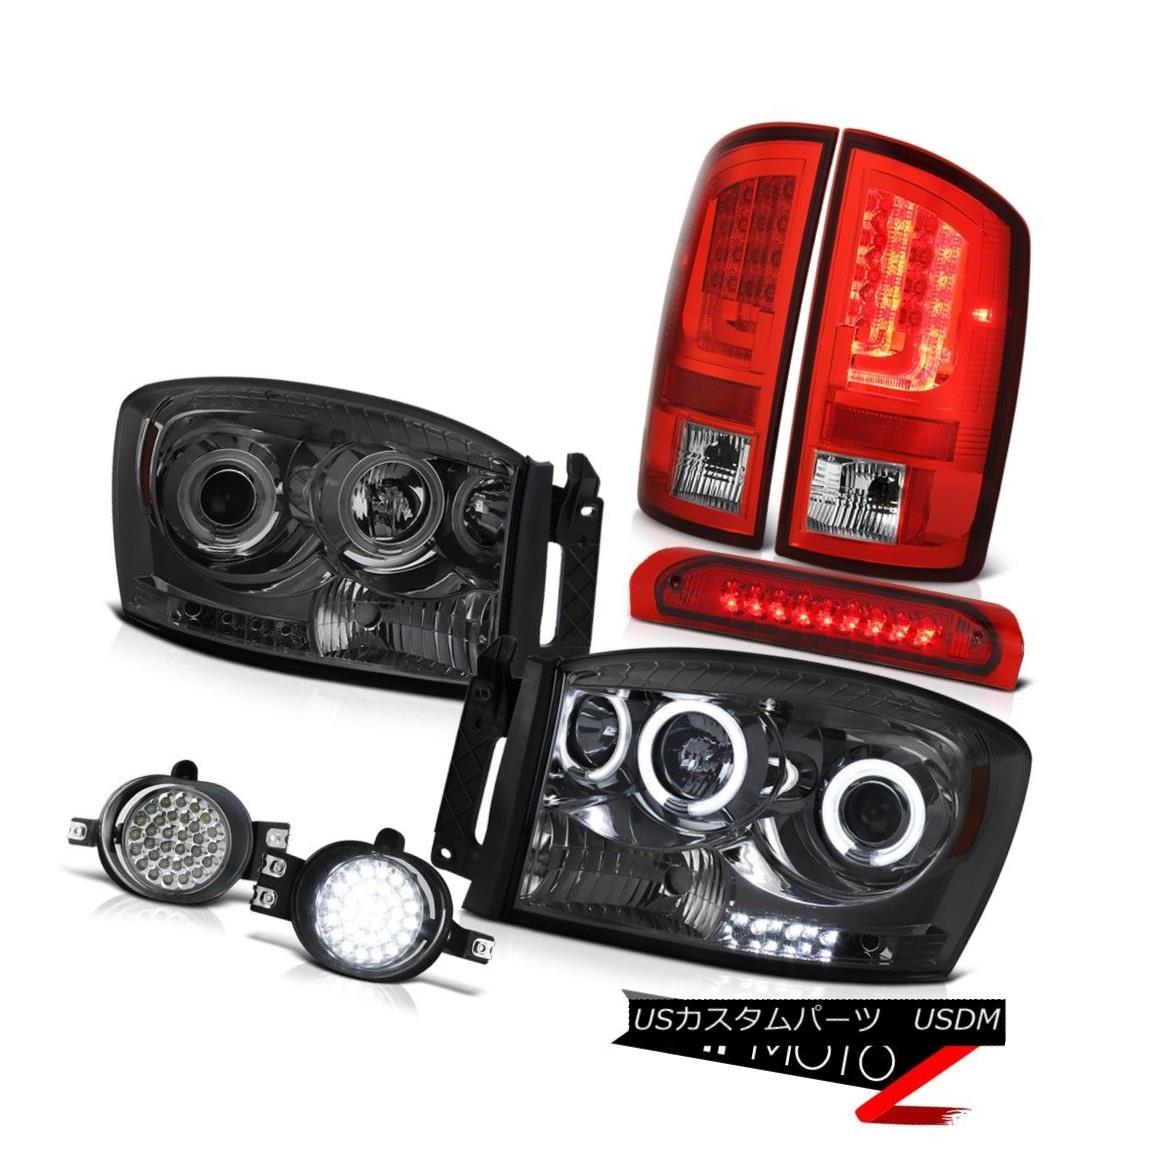 テールライト 07-08 Ram 1500 2500 3500 WS Tail Lamps Headlights Fog High STop Lamp